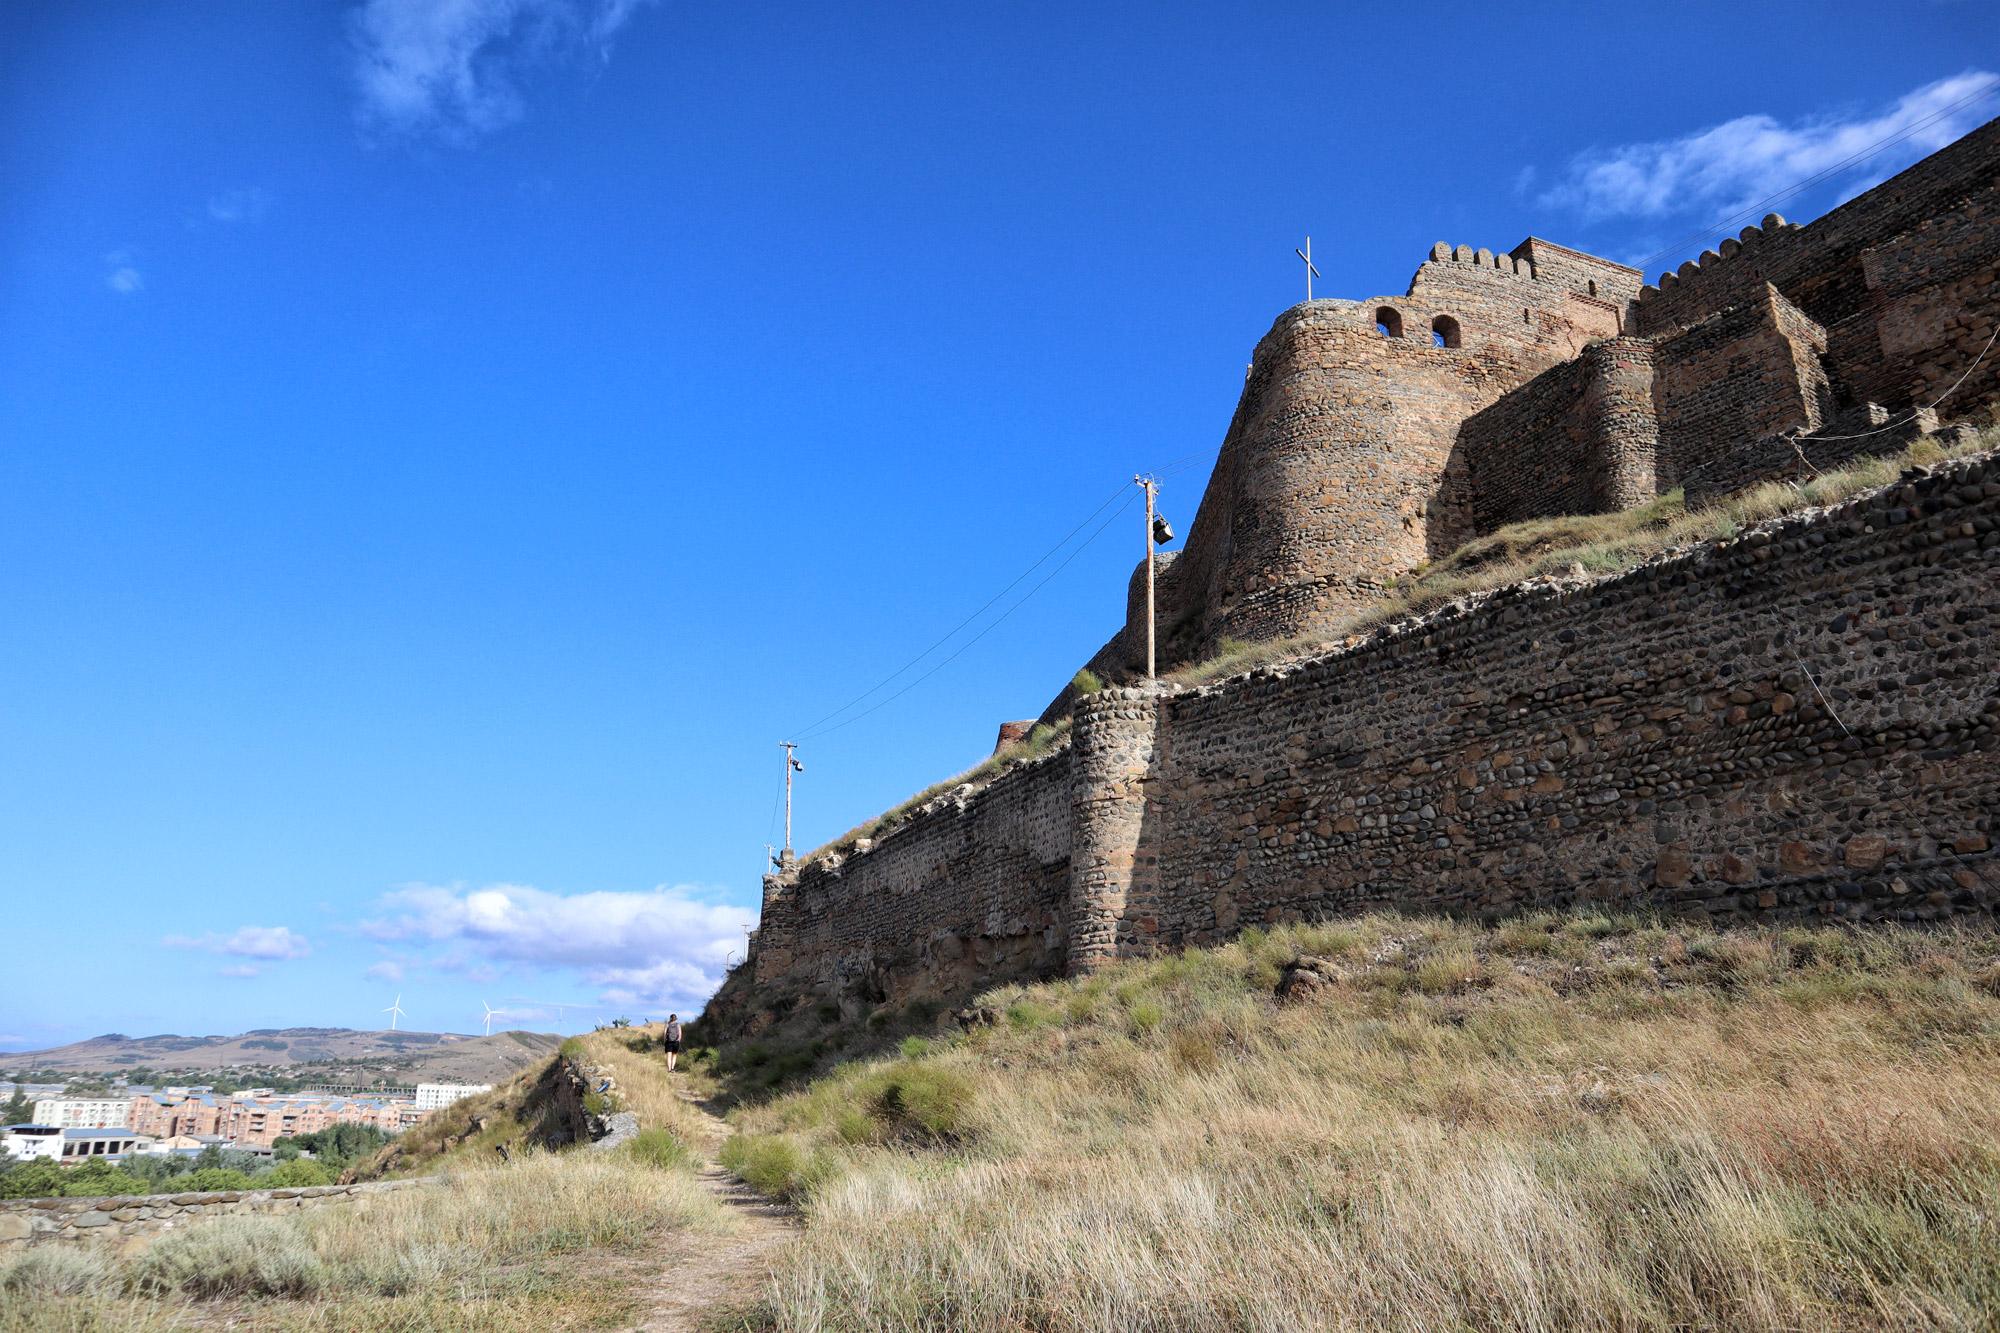 Georgië reisverslag - Gori Fort